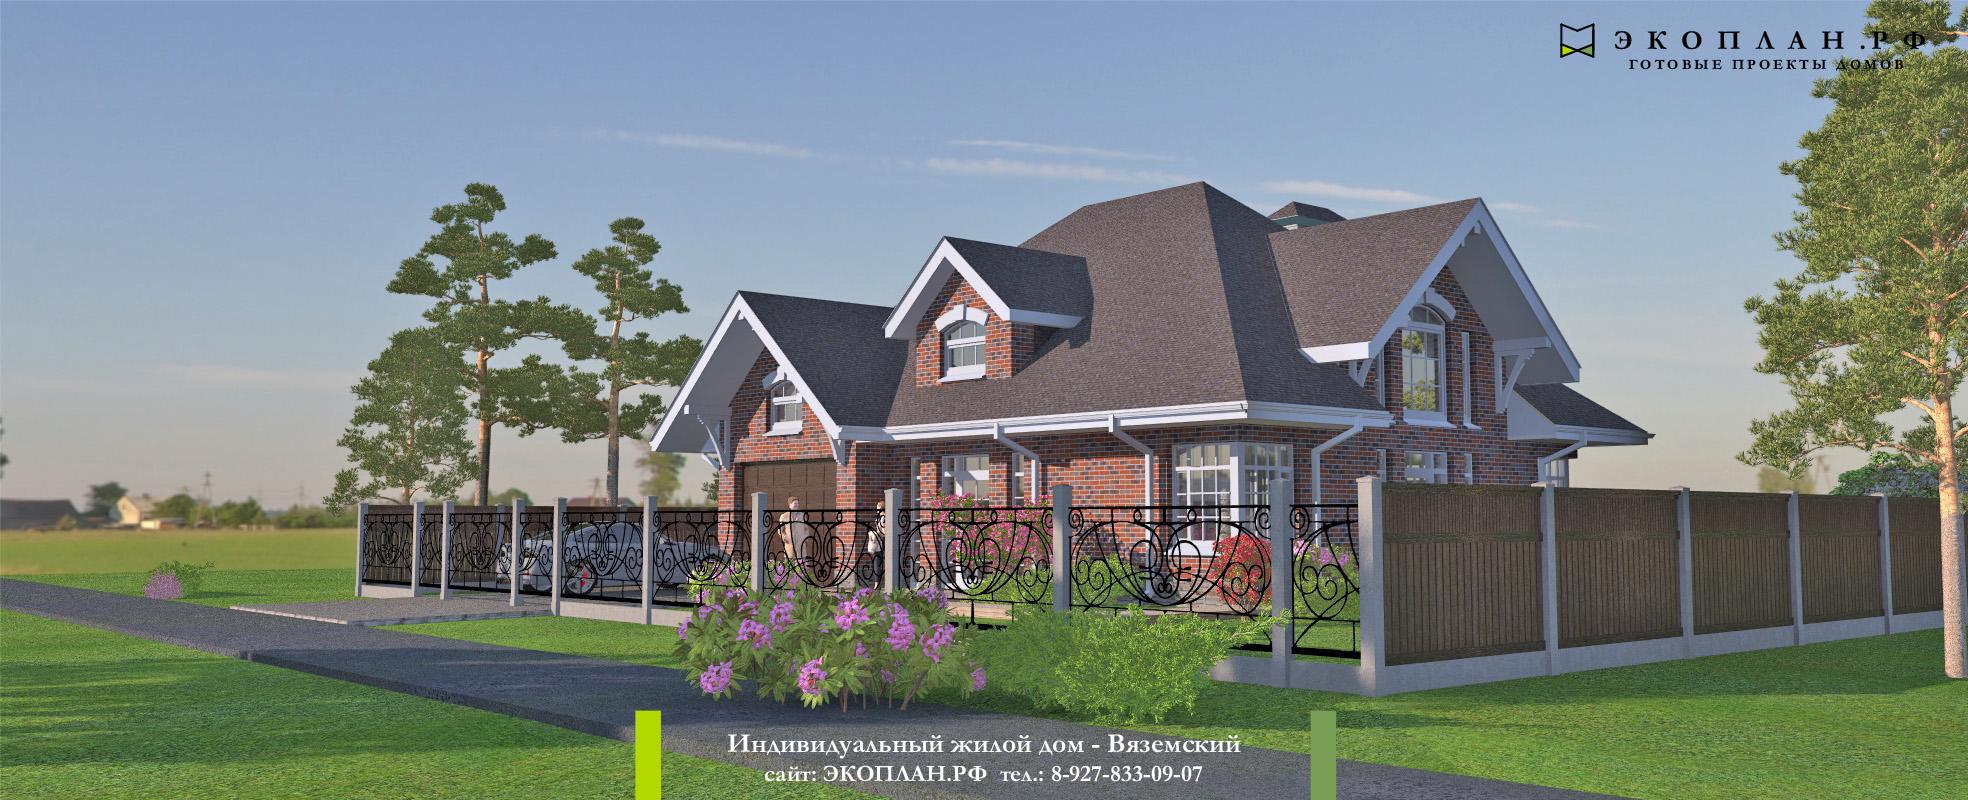 Вяземский - Готовый проект дома - Экоплан.рф фасад